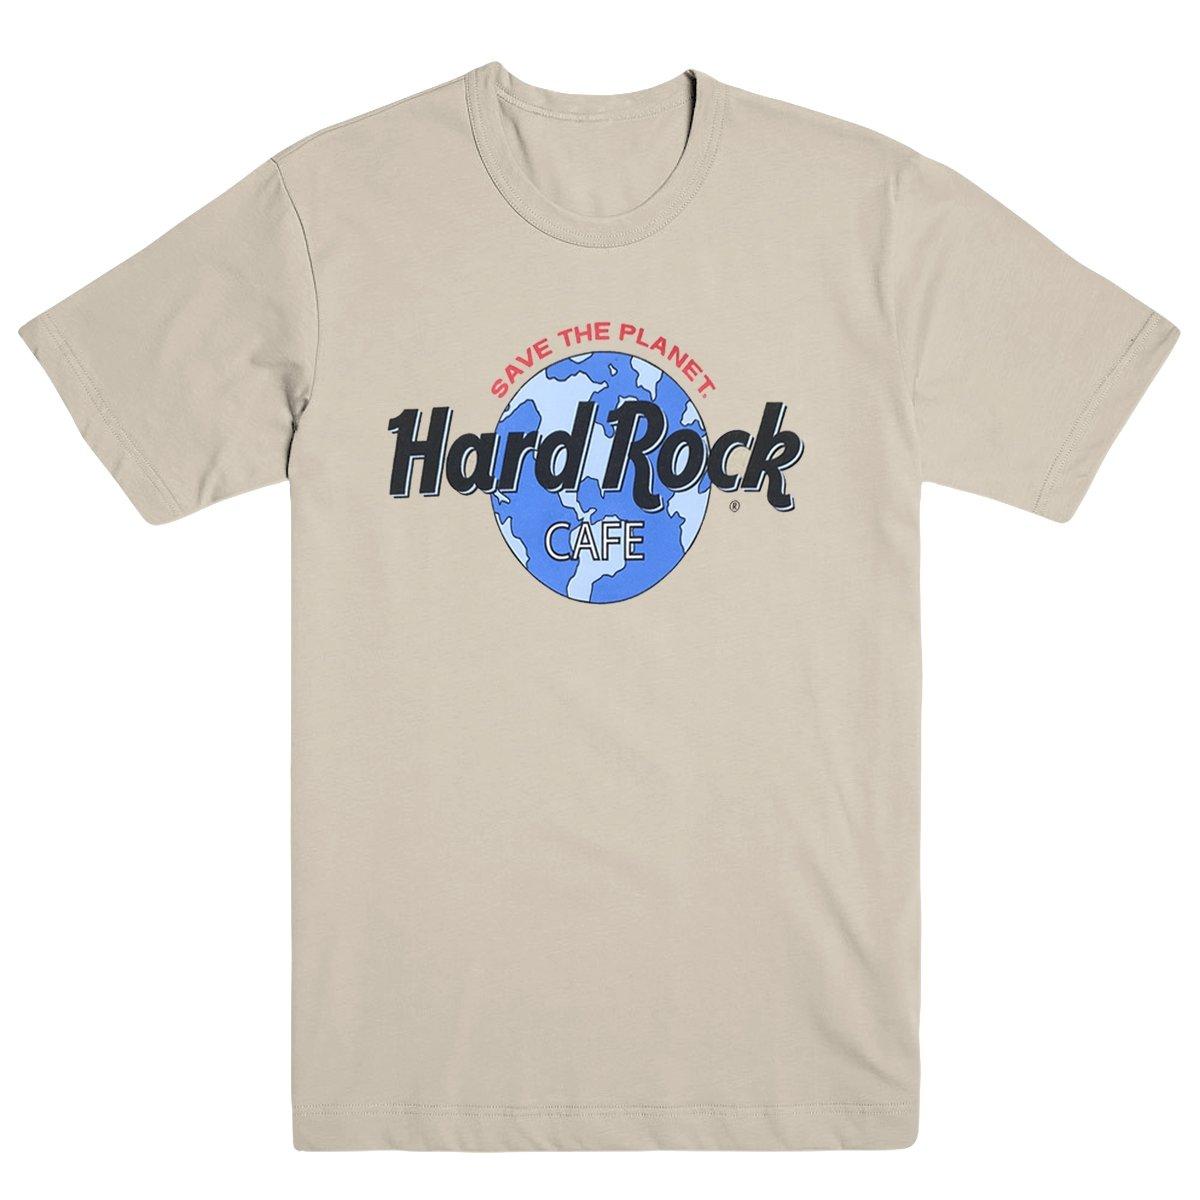 Hard Rock Cafe - Iconic T-shirts